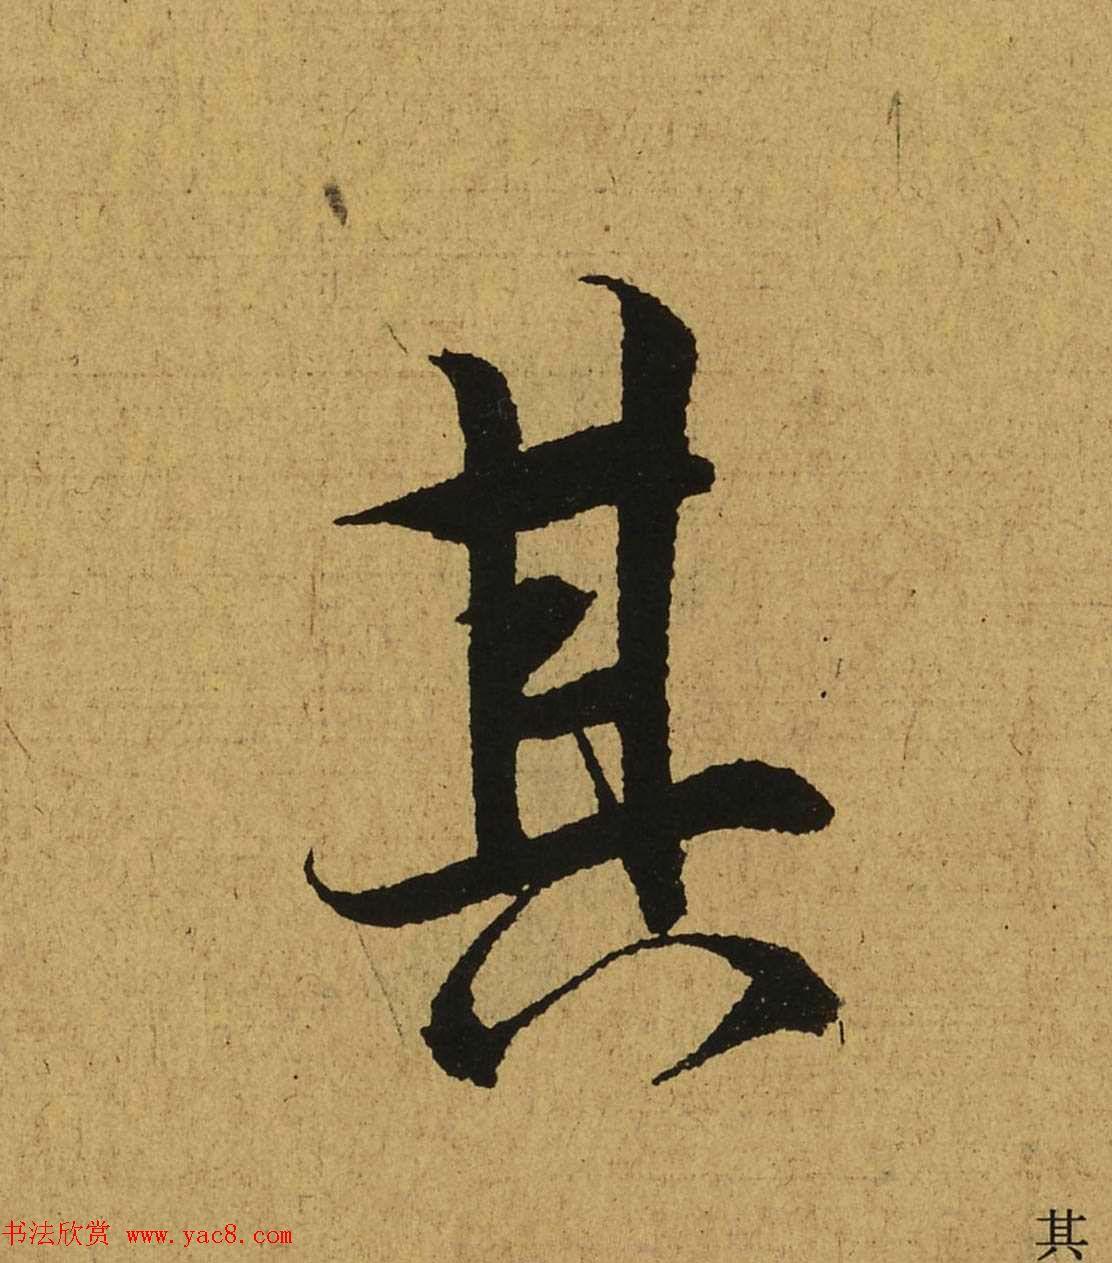 王羲之兰亭集序全文单字高清放大字帖 第38页 行书字帖 书法欣赏